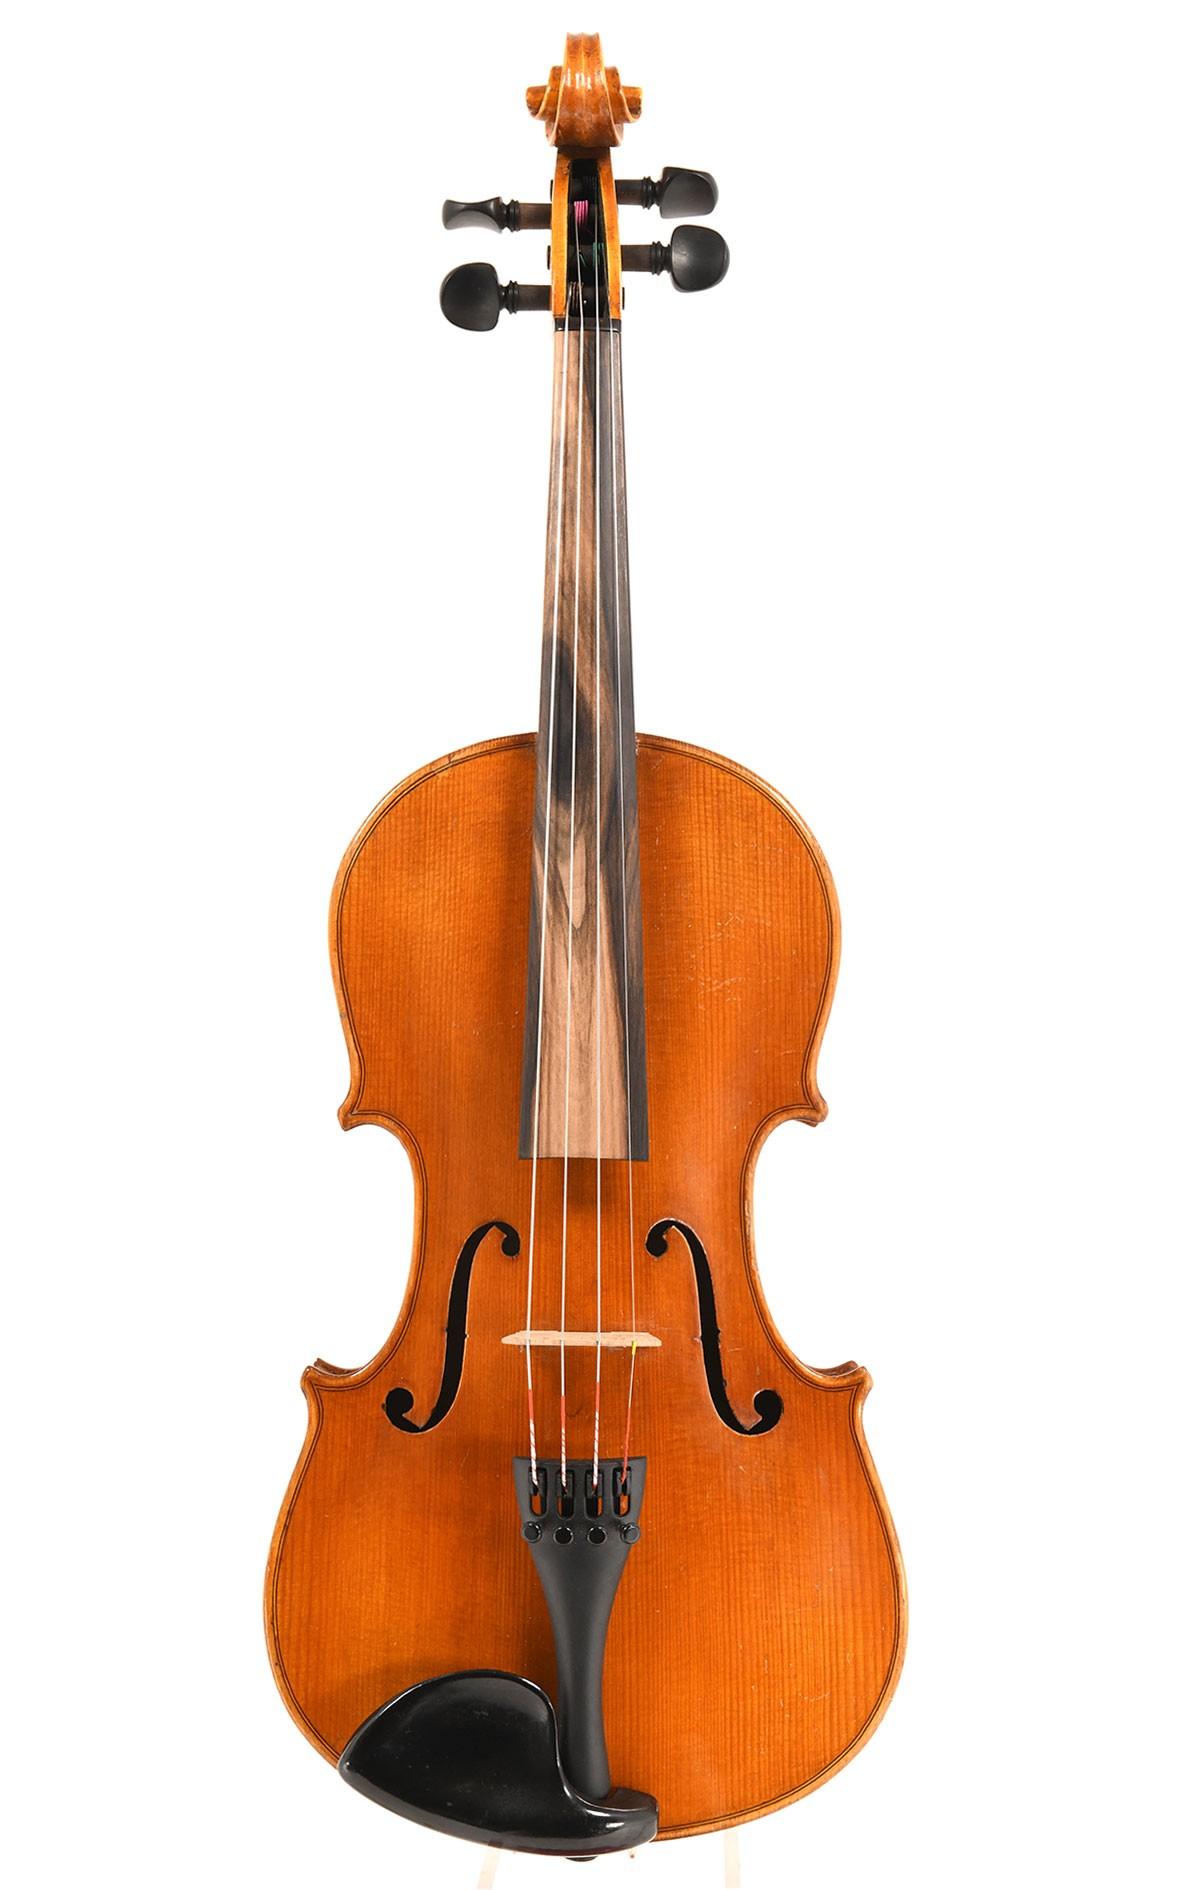 Vieux violon de Saxe / Markneukirchen vers 1930